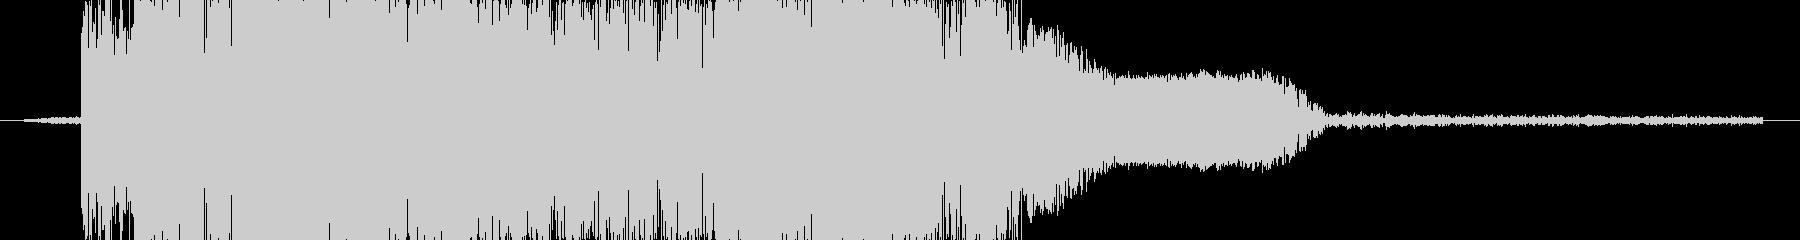 ズバッ!(剣で切る音)の未再生の波形